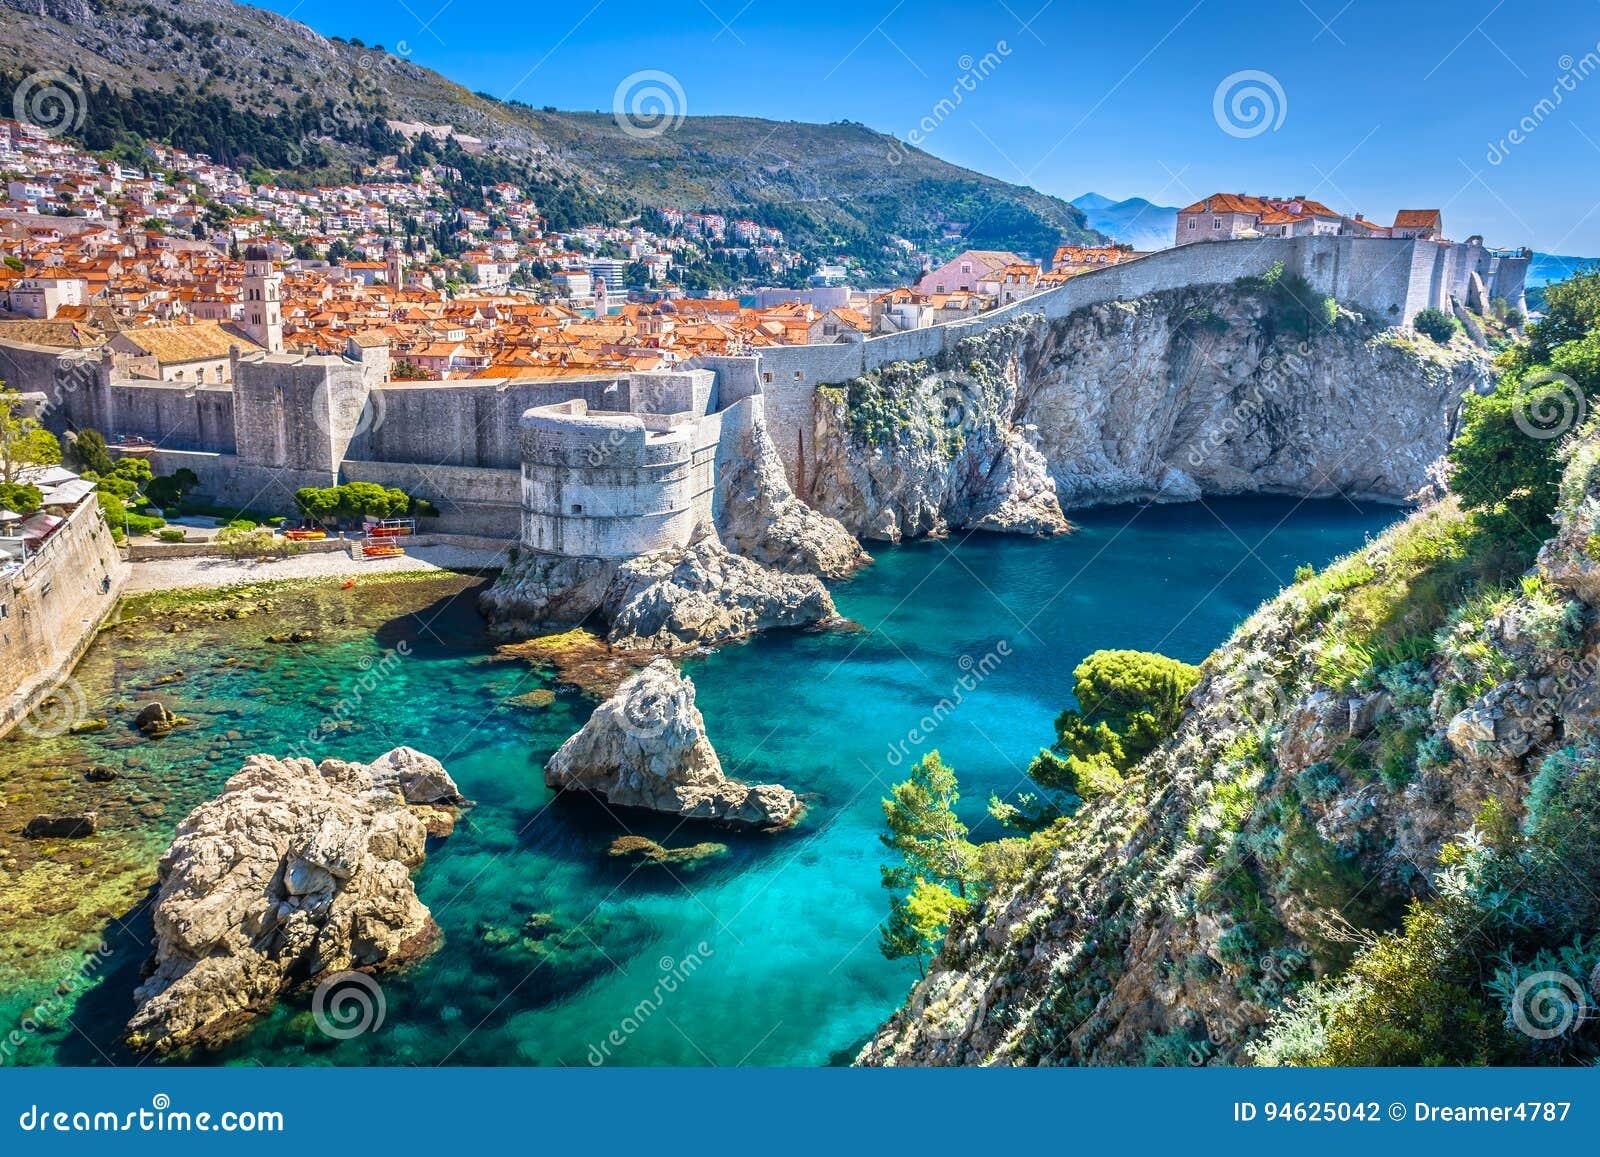 Europäischer Sommerurlaubsort in Kroatien, Dubrovnik